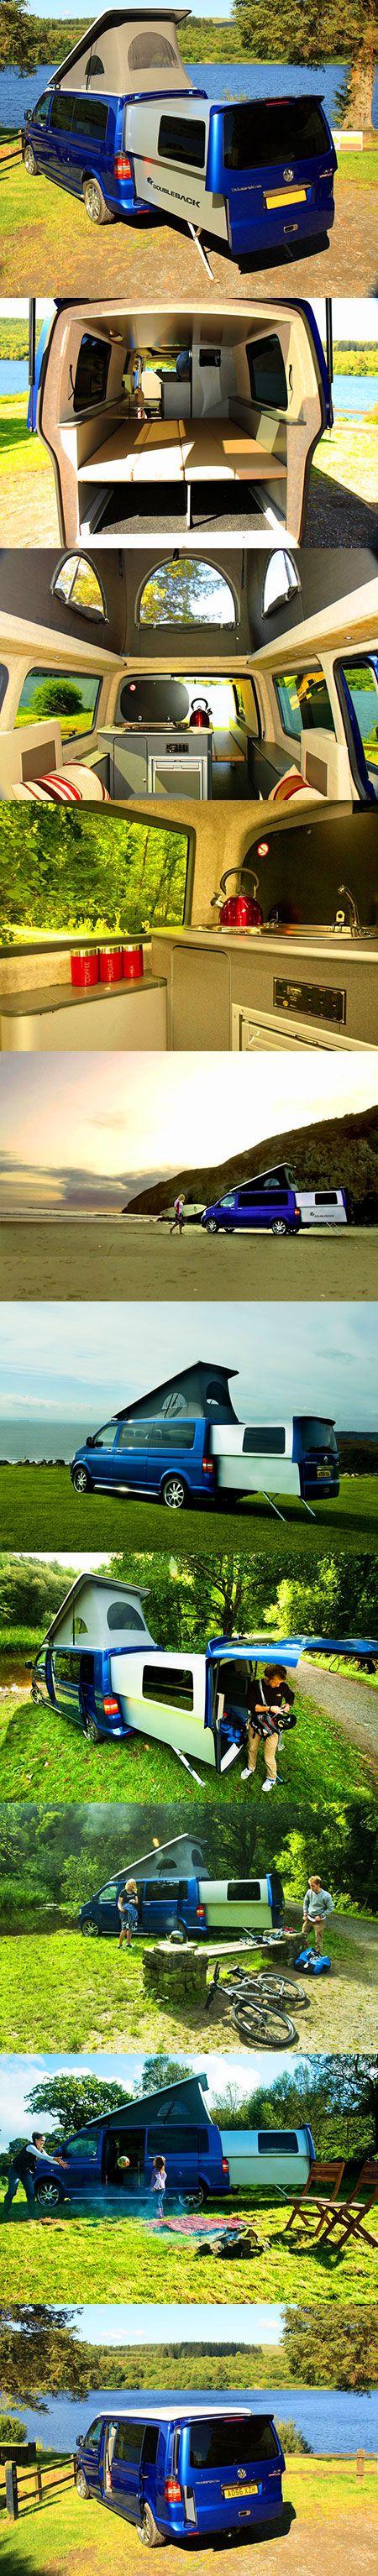 VW T5 Doubleback Camper